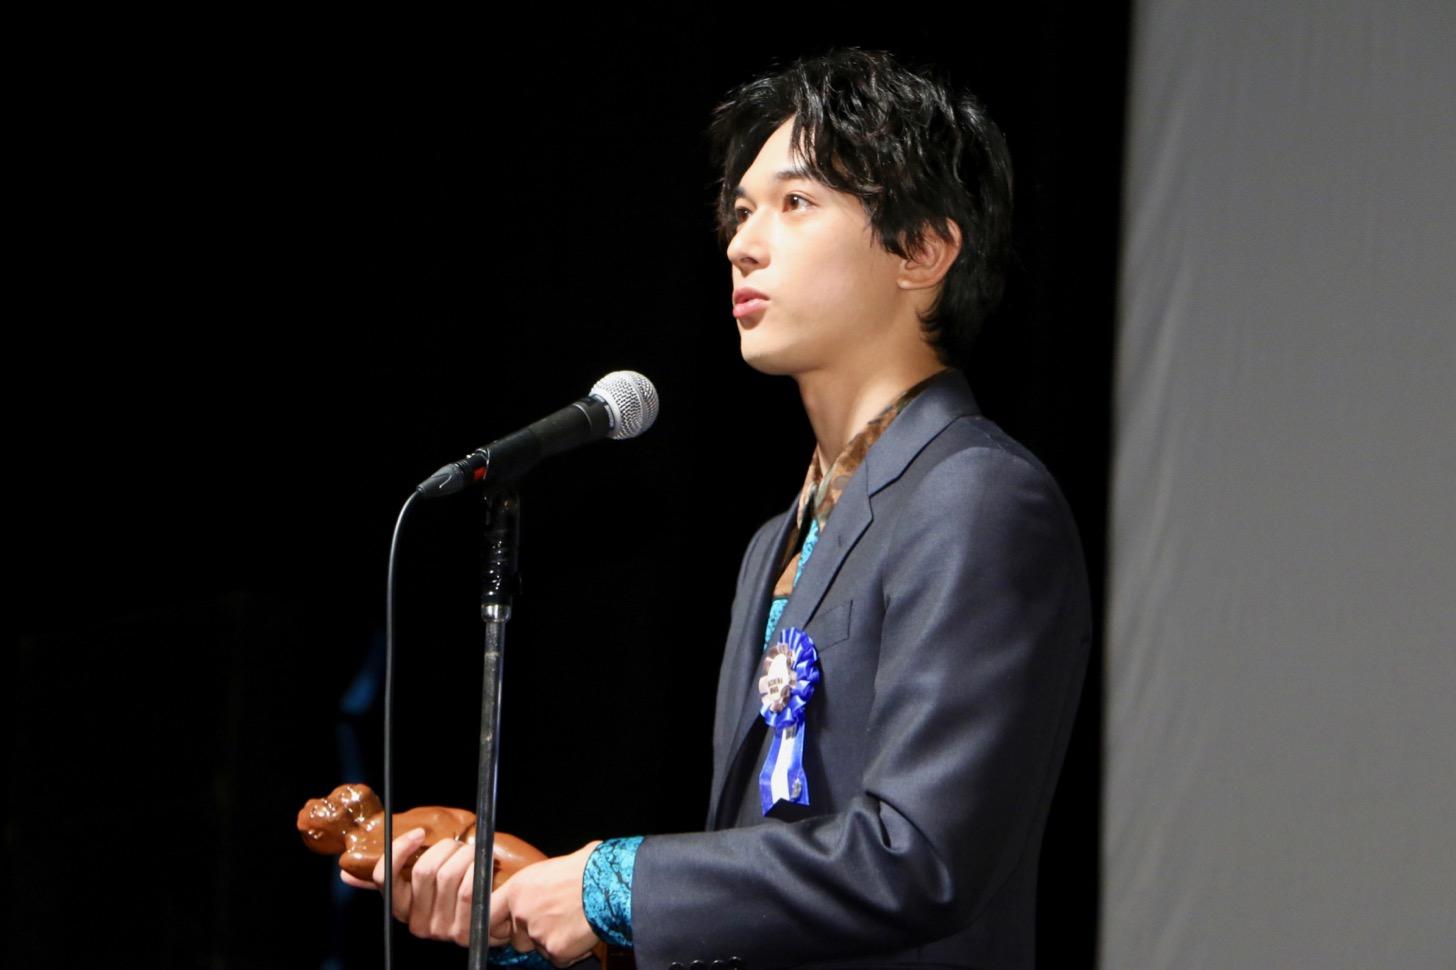 最優秀新進男優賞 吉沢亮